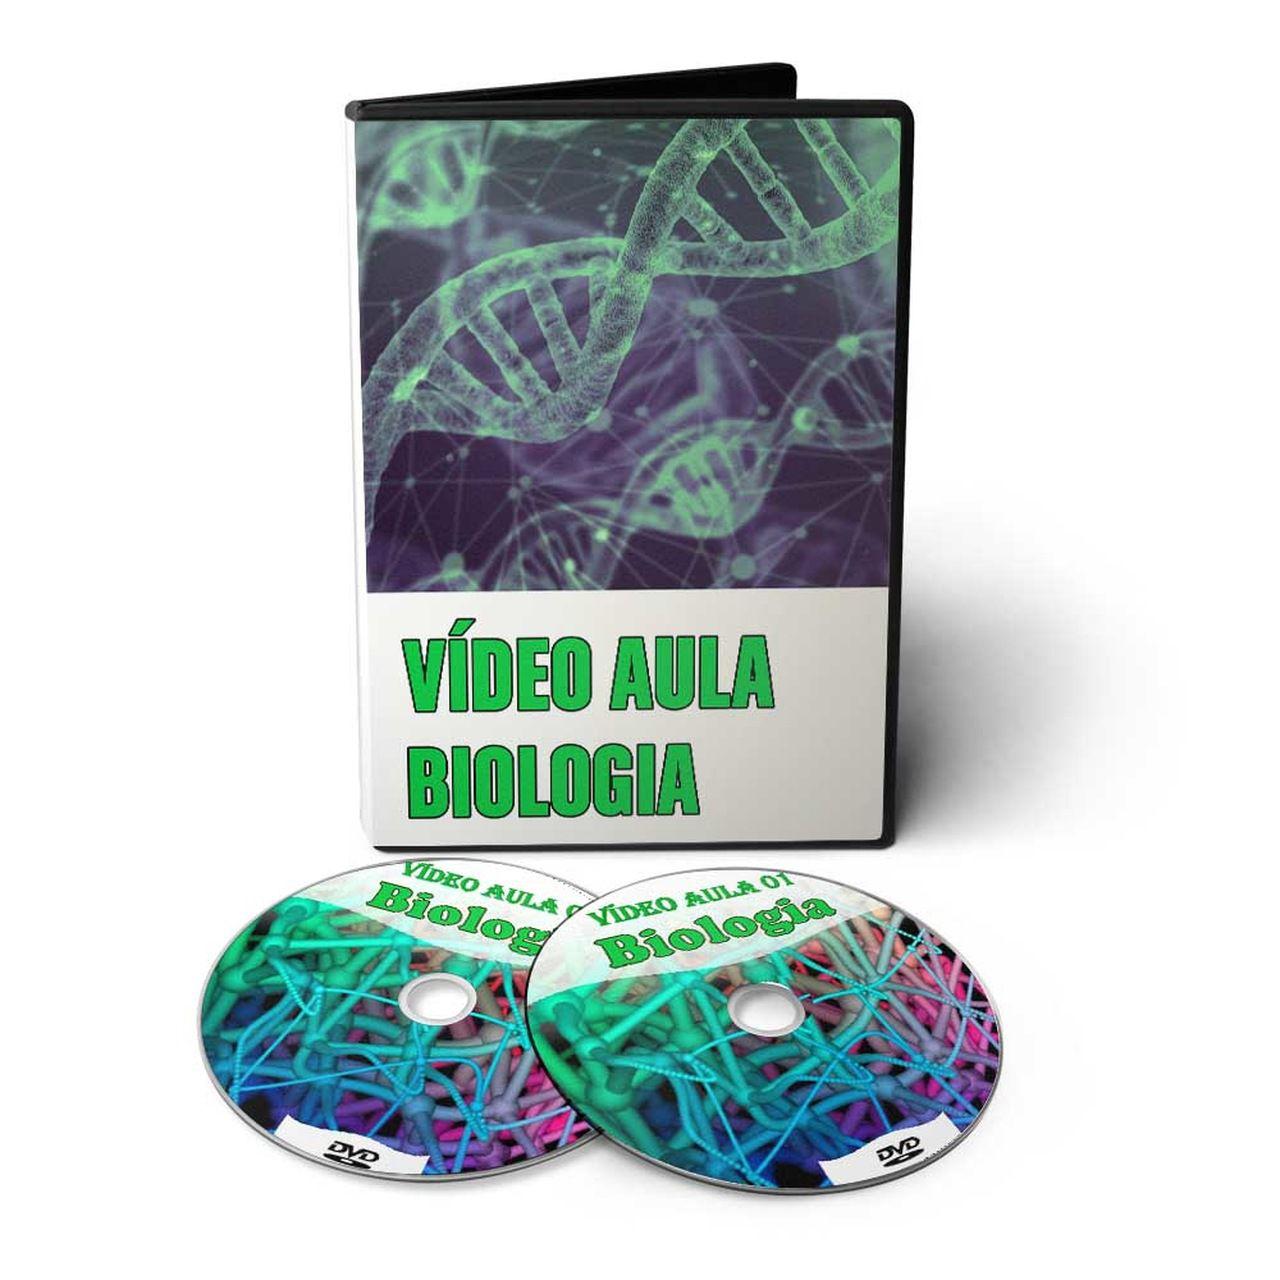 Curso de Biologia em 03 DVDs Videoaula   - Aprova Cursos